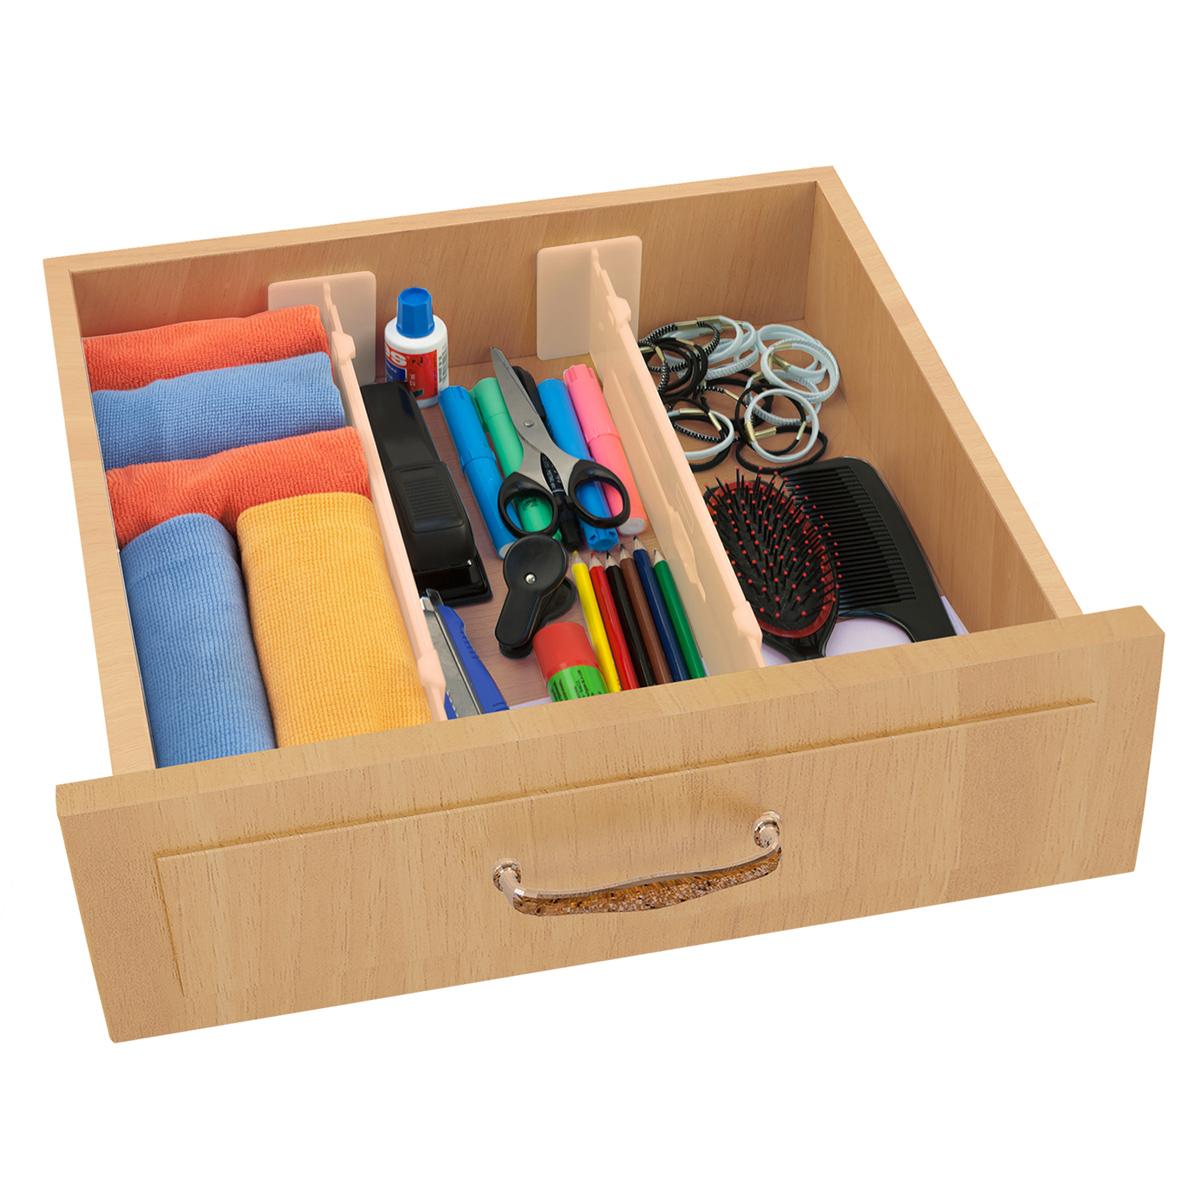 Разделители для ящиков Valiant, раздвижные, длина 33-55 см, 2 штORG-2Разделители для ящиков Valiant предназначены для организации пространства внутри мебельных ящиков и обеспечивают идеальный порядок, а также удобный доступ к содержимому. Теплый бежевый цвет идеально сочетается с популярной мебелью под дерево. Разделители изготовлены из высококачественного пластика, что обеспечивает их длительное использование. Для надежной фиксации предусмотрены специальные мягкие накладки. Разделители можно регулировать по длине. Подходят для любых ящиков высотой от 9 см. Размер разделителя: 33-55 см х 8,8 см. Рекомендуем!